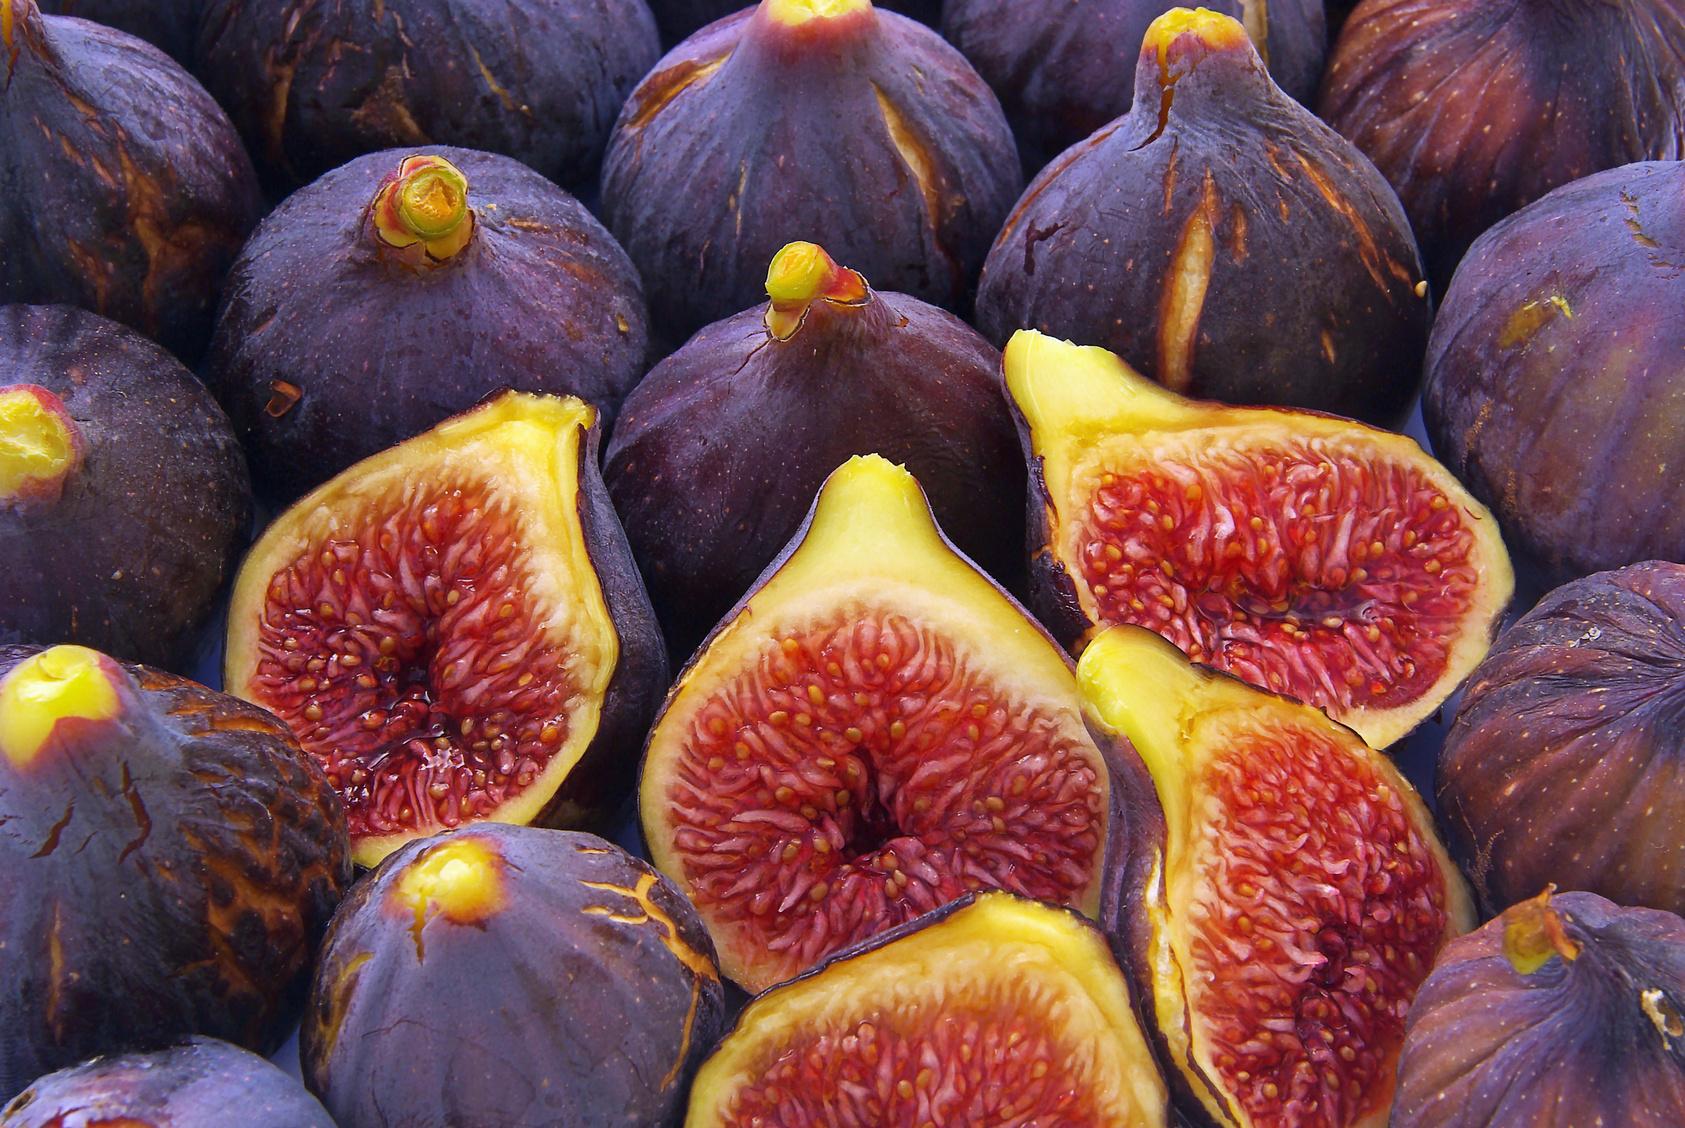 восточные фрукты фото с названиями после четырёх